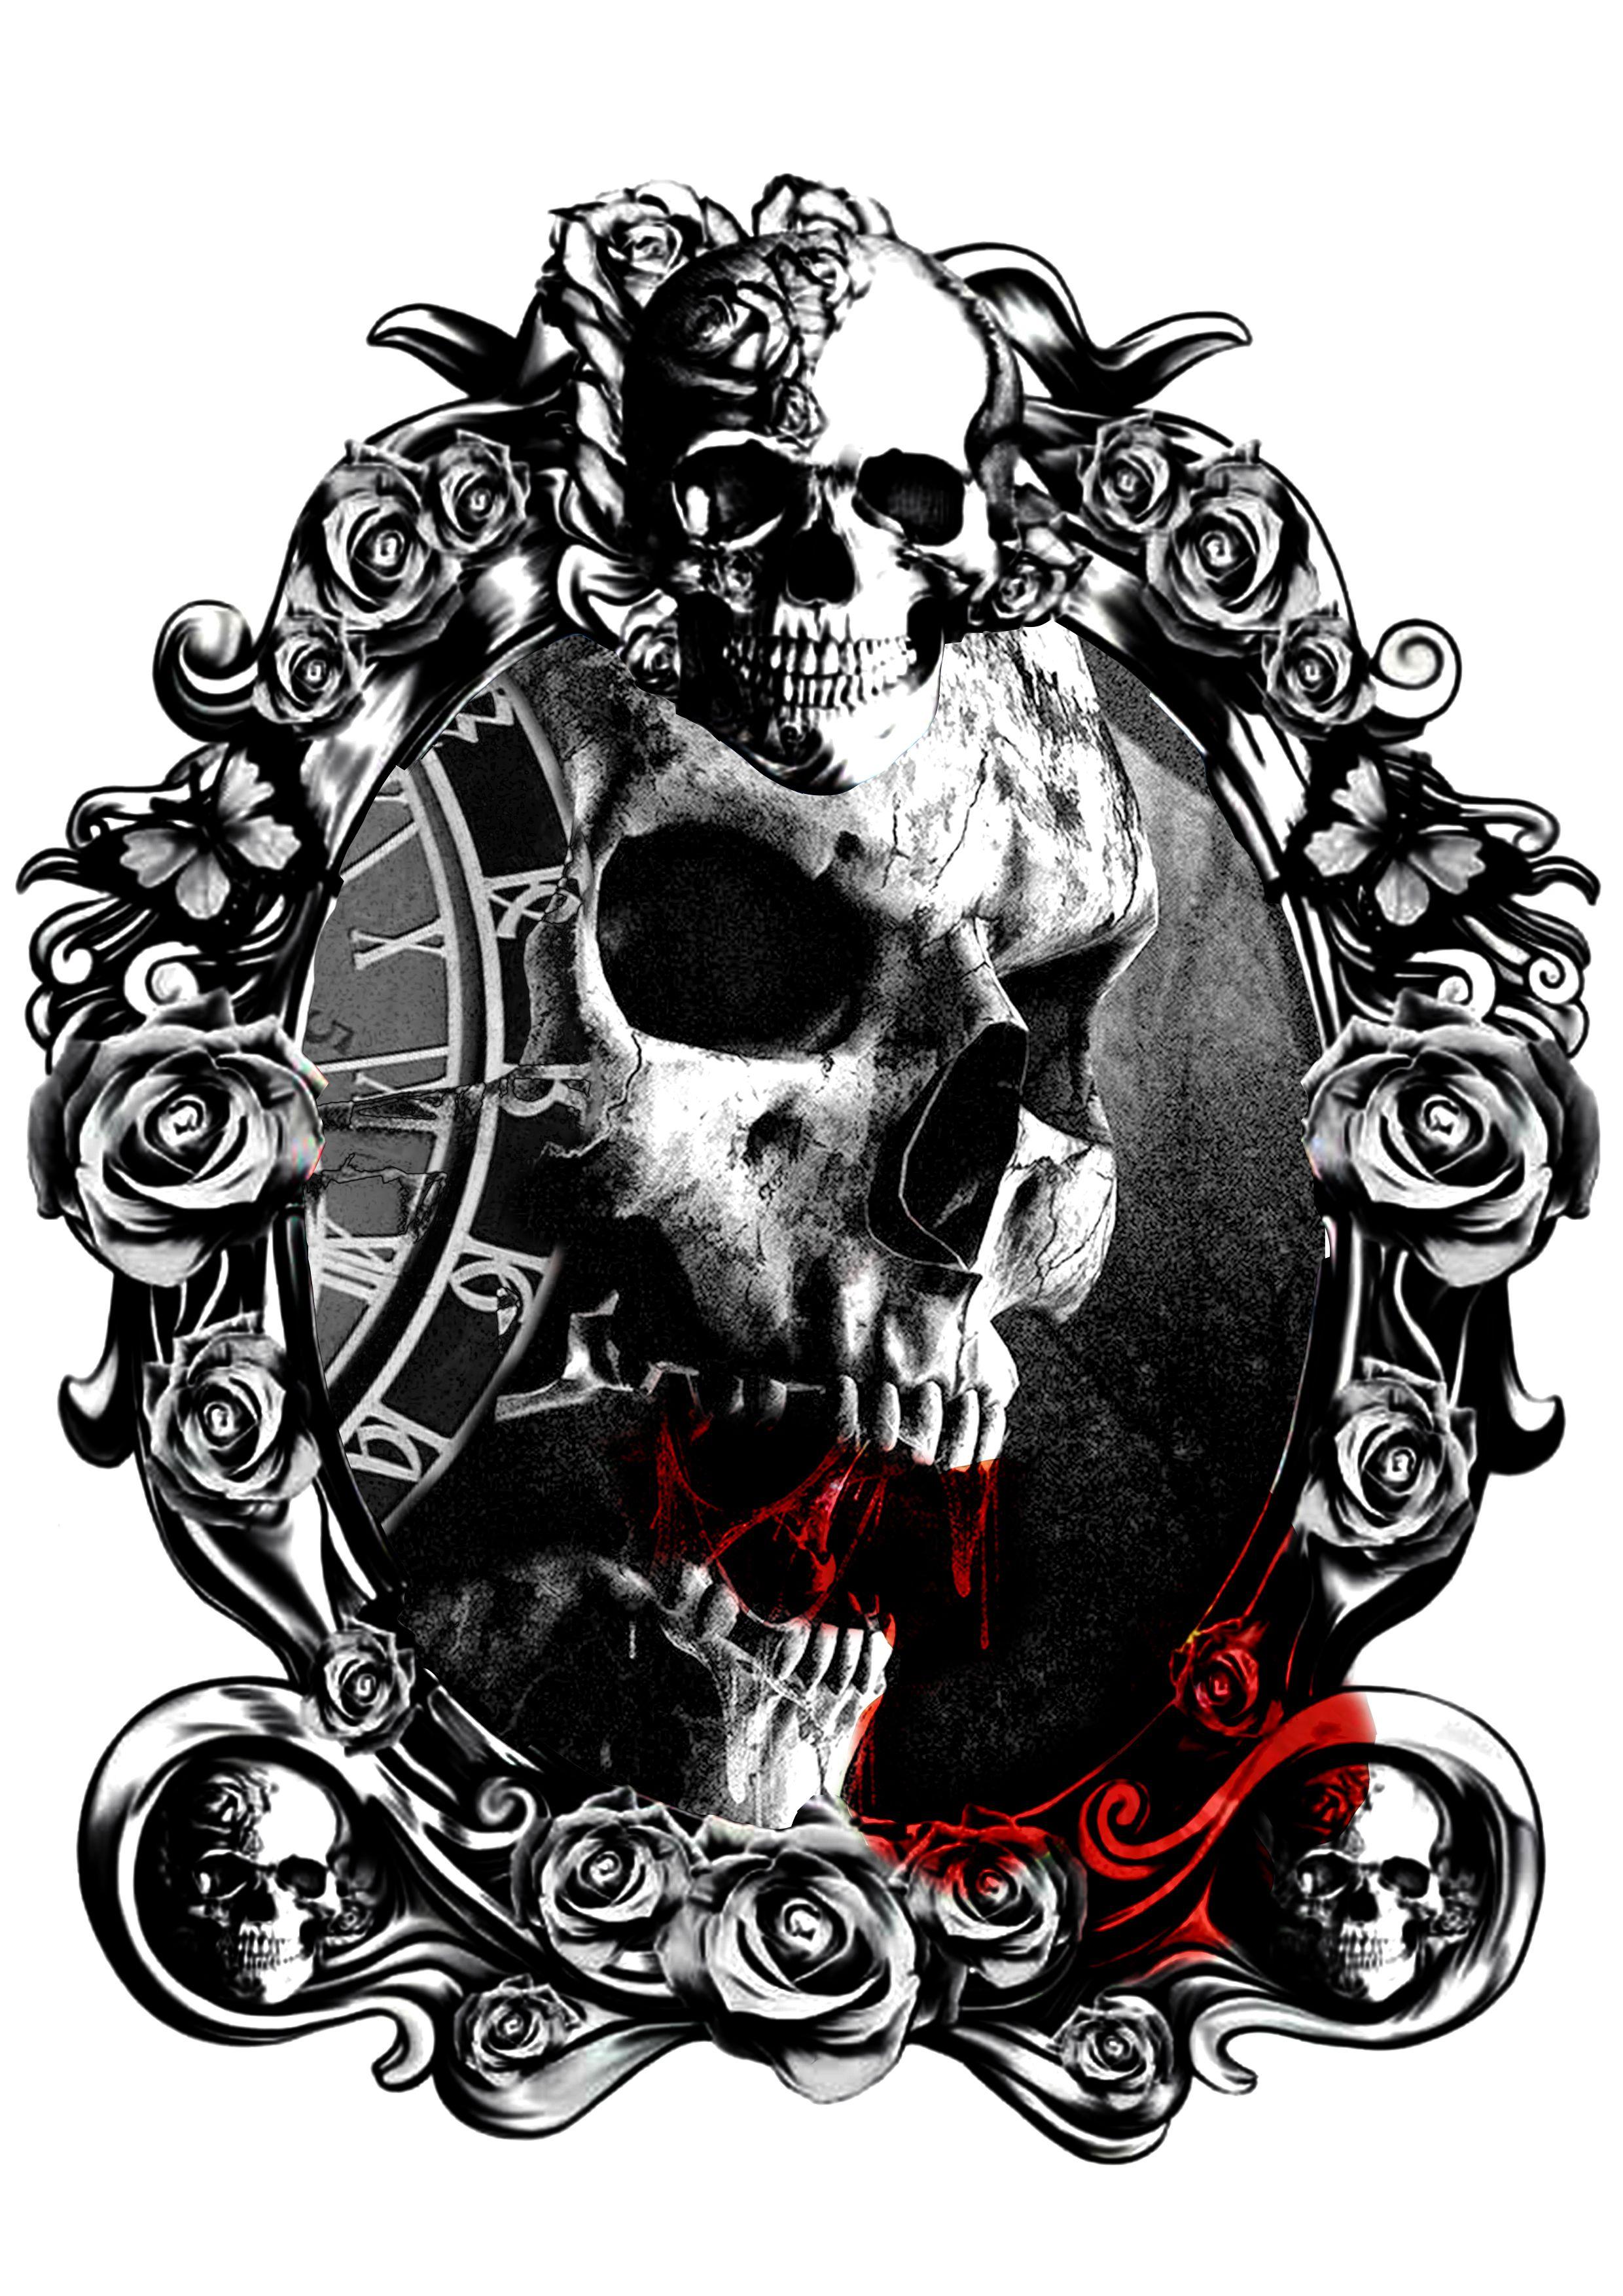 Diamond Skull Wallpaper Skull Art Drawing Skull Artwork